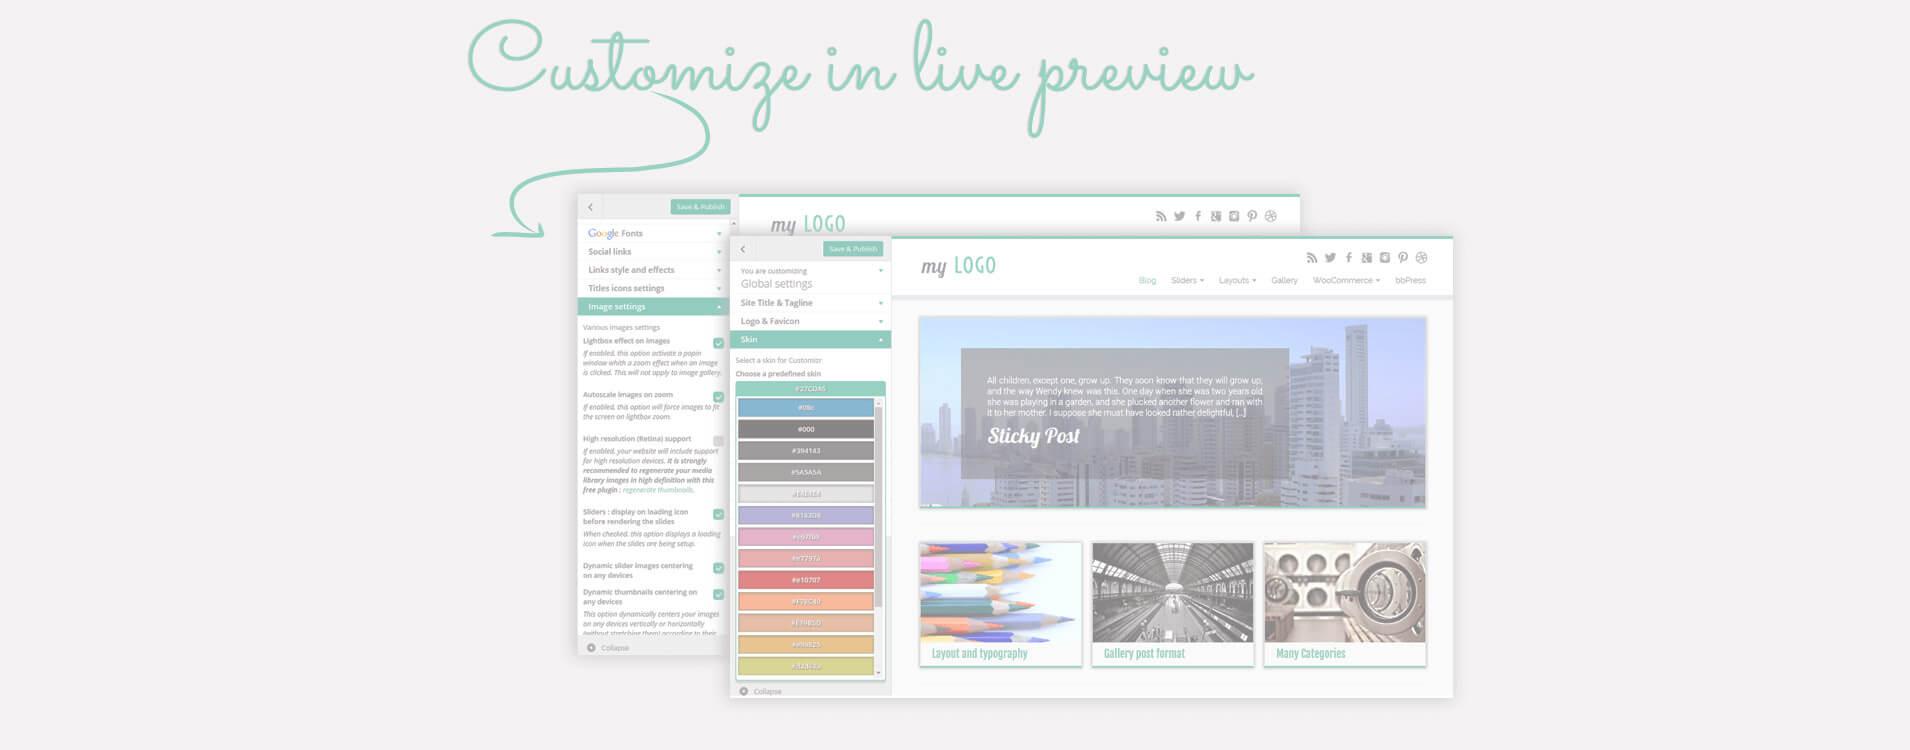 La mayoría de las opciones de disposición y diseño están disponibles en la pantalla de personalización de Wordpress: ¡Los cambios que realice aparecerán en vivo!